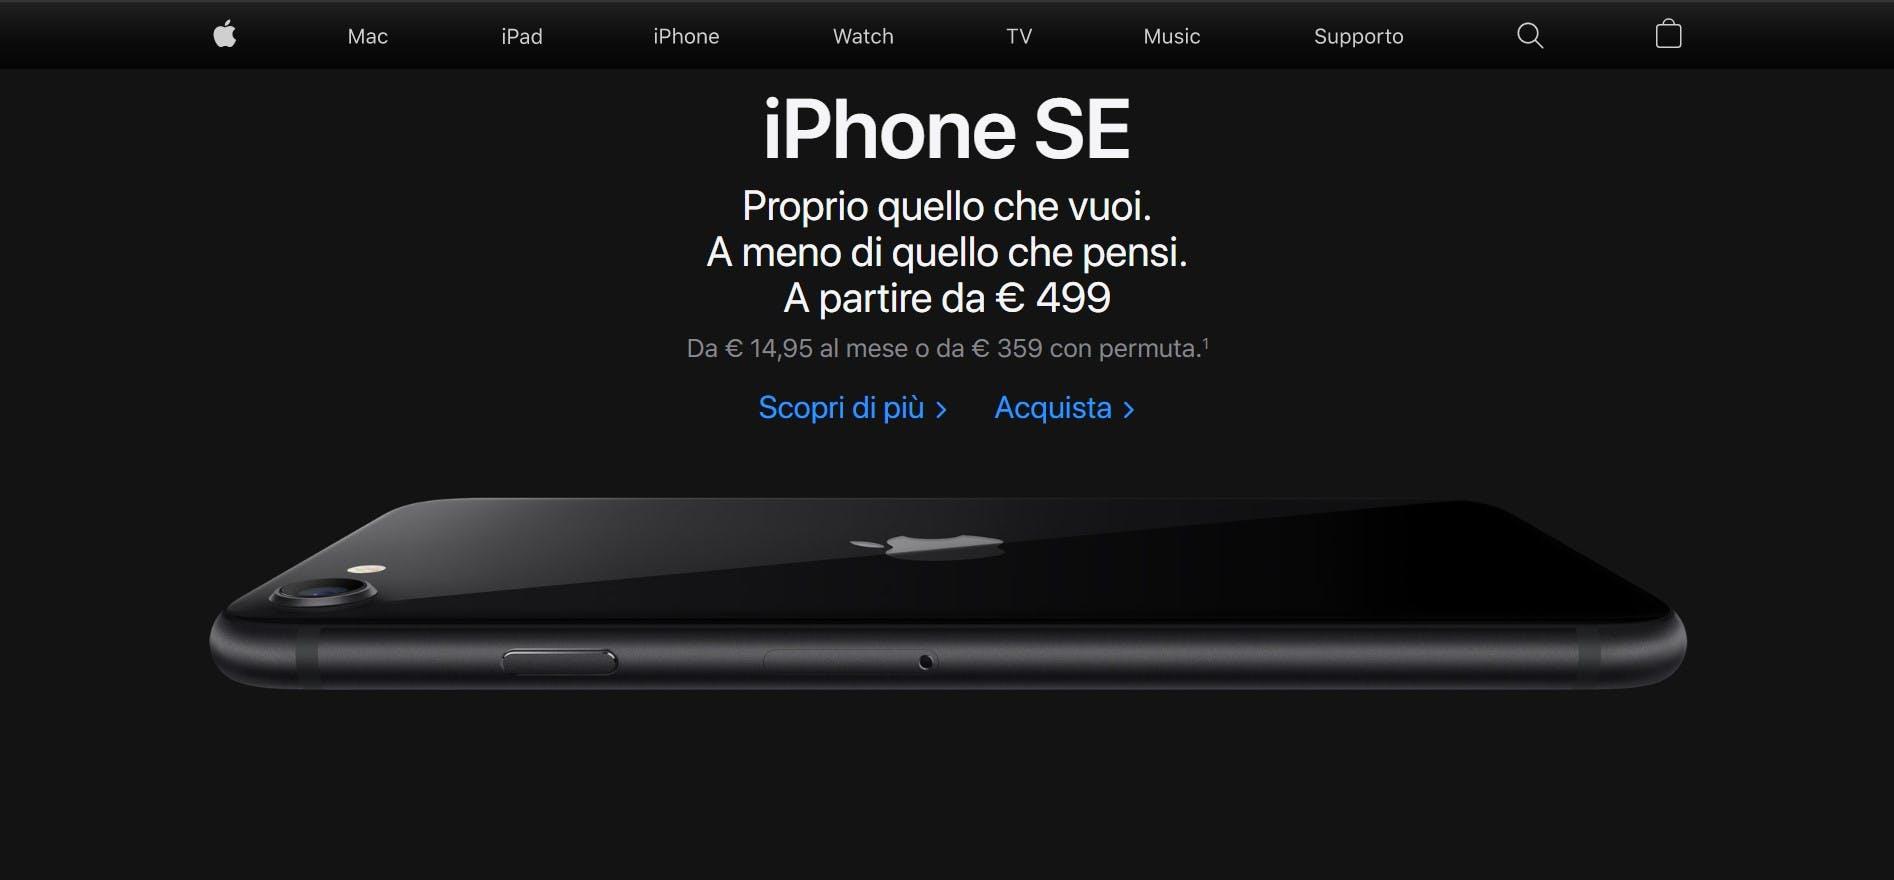 web design del sito apple